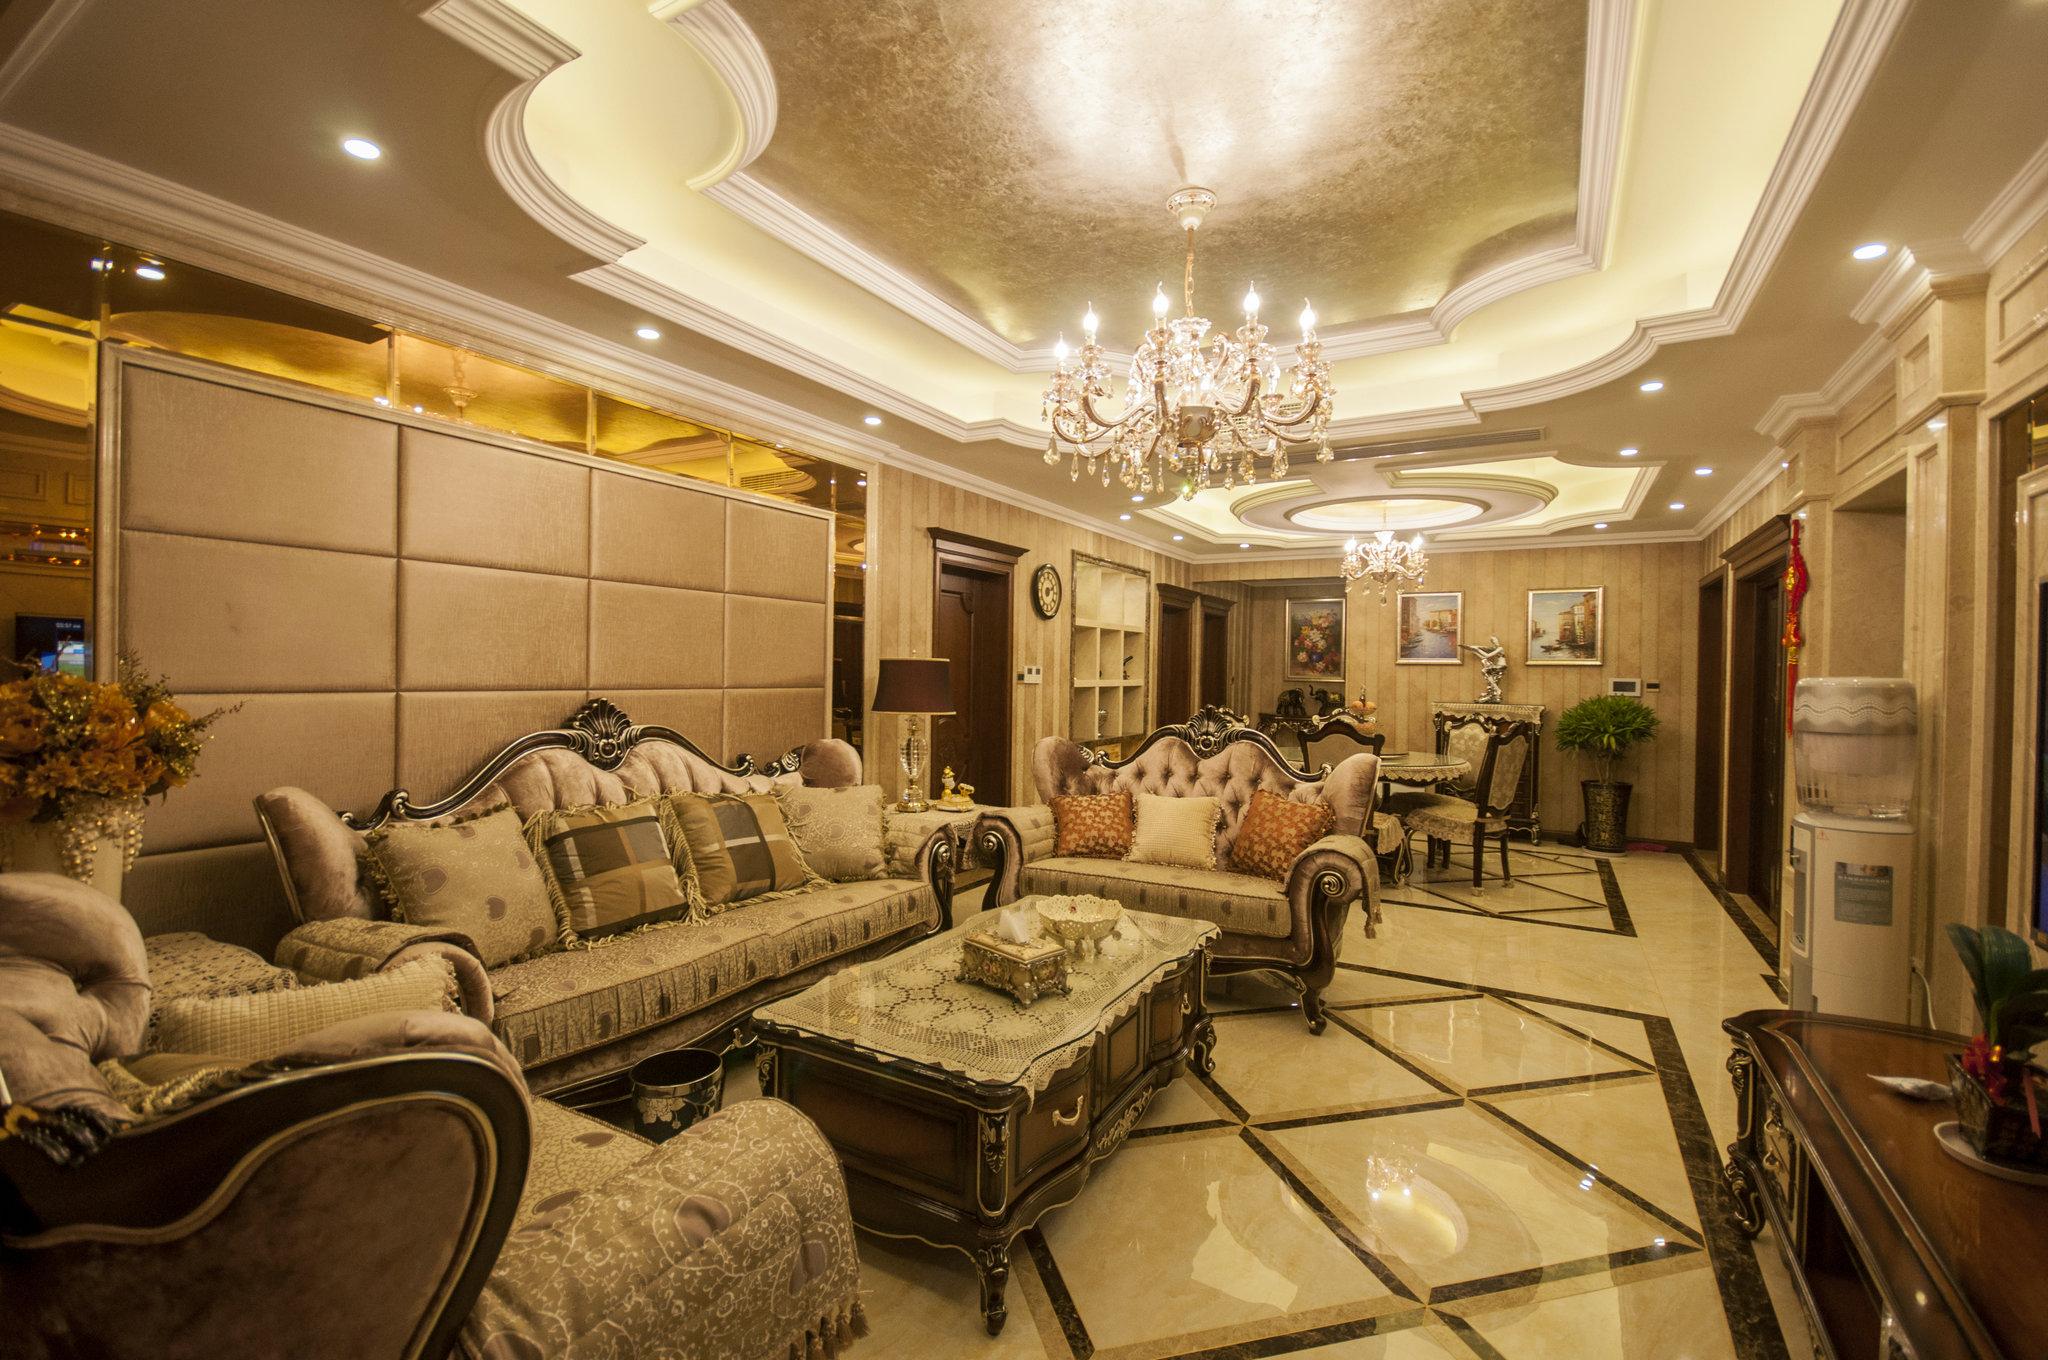 东方御花园 别墅装修 中式风格 腾龙设计 客厅图片来自腾龙设计在东方御花园别墅装修完工实景的分享